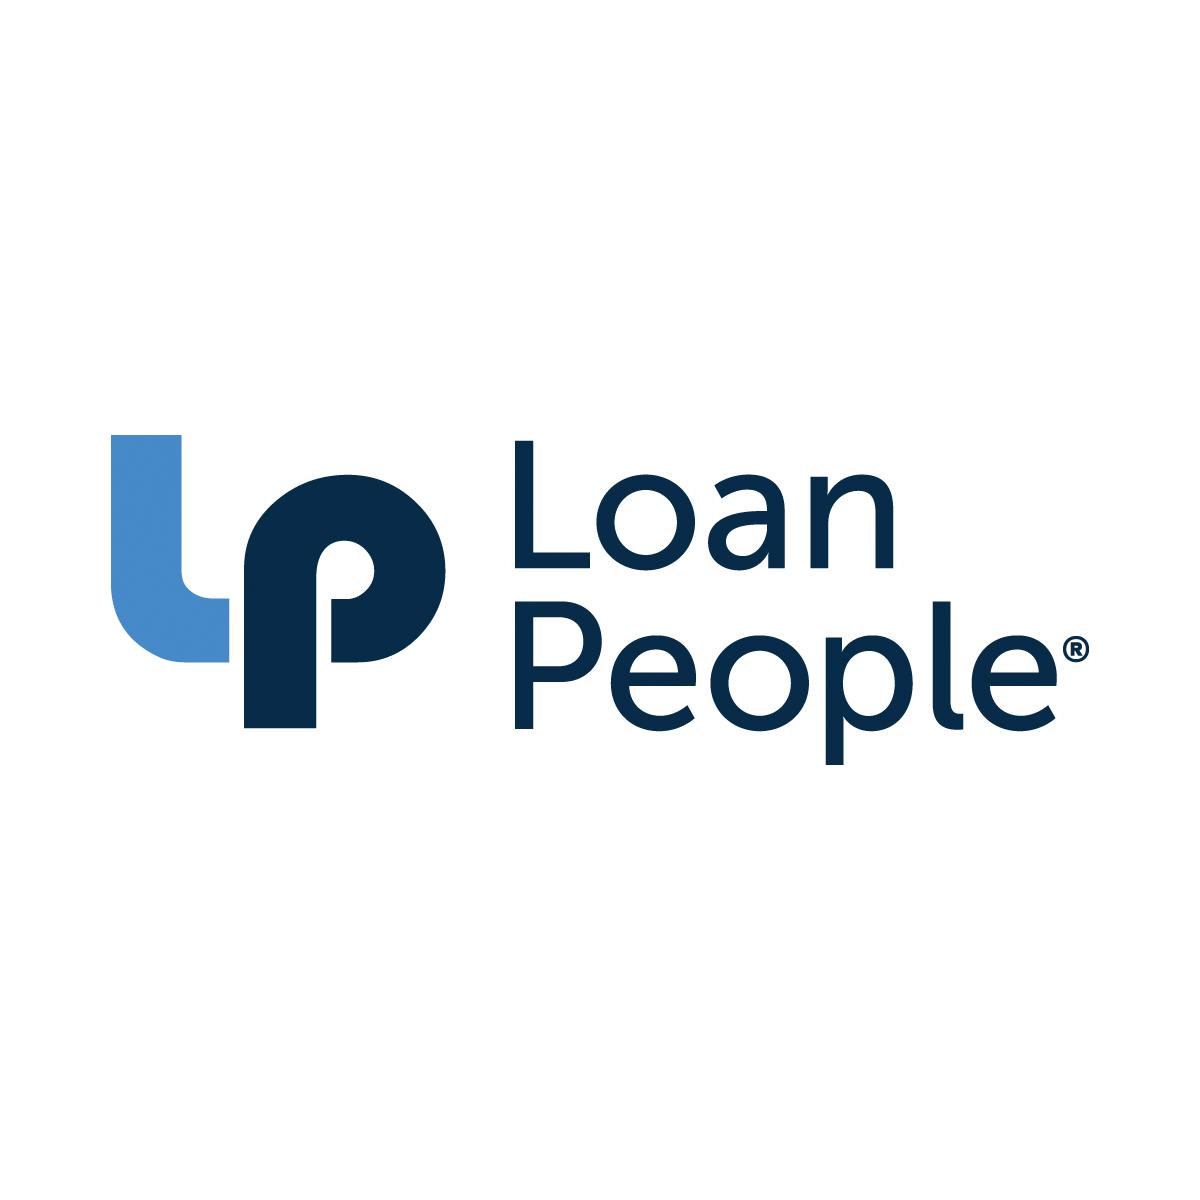 LoanPeopleLogo.jpg